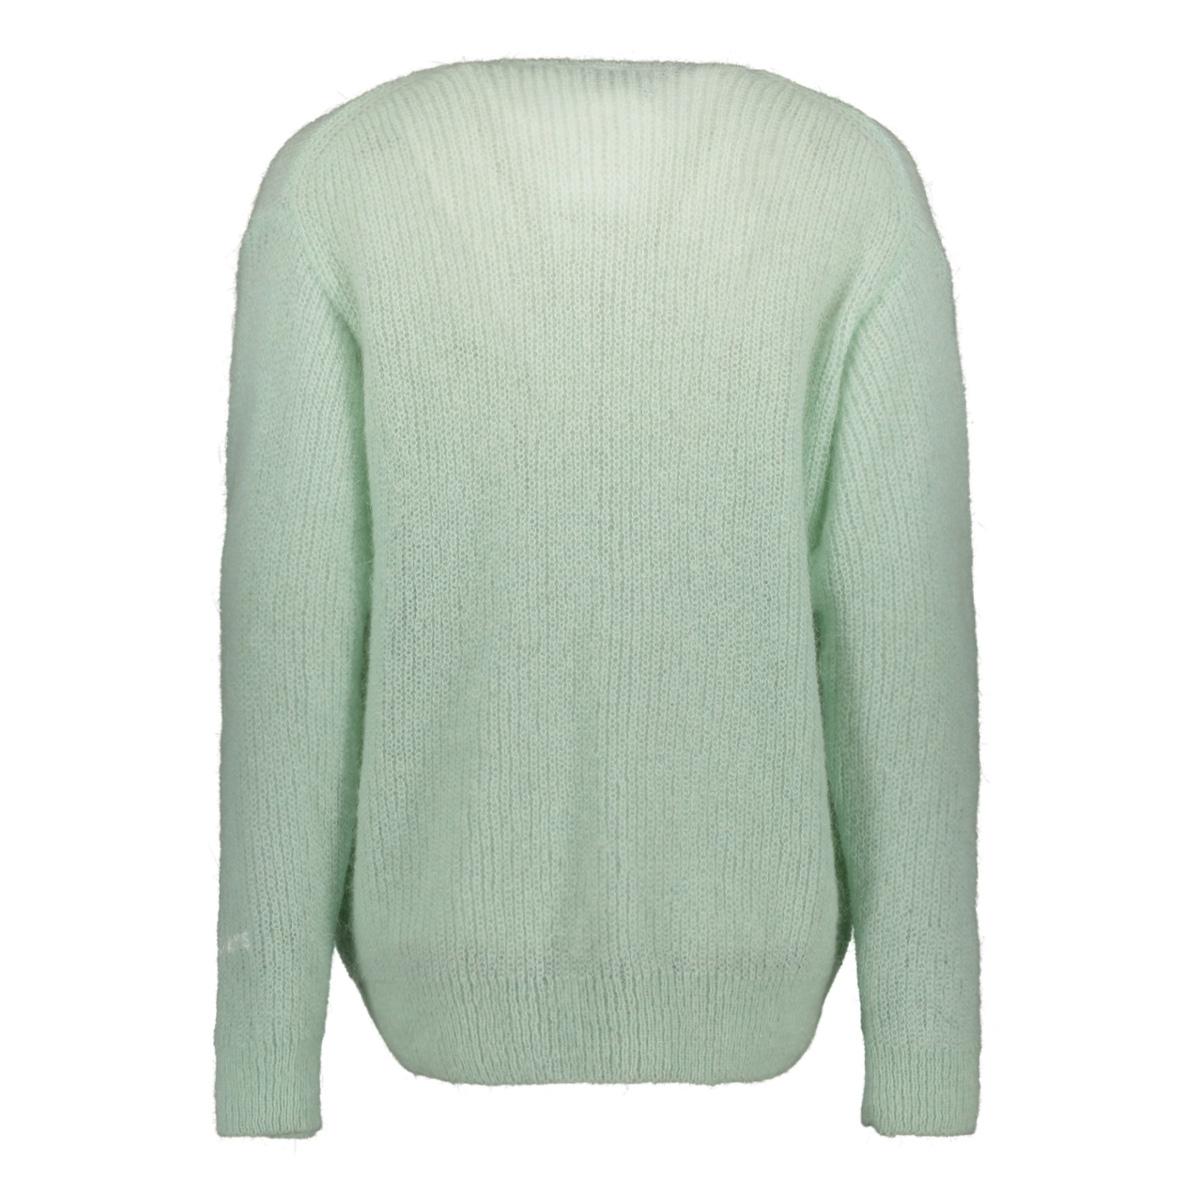 v-neck sweater 20 612 0201 10 days trui 4015 surfblue melee